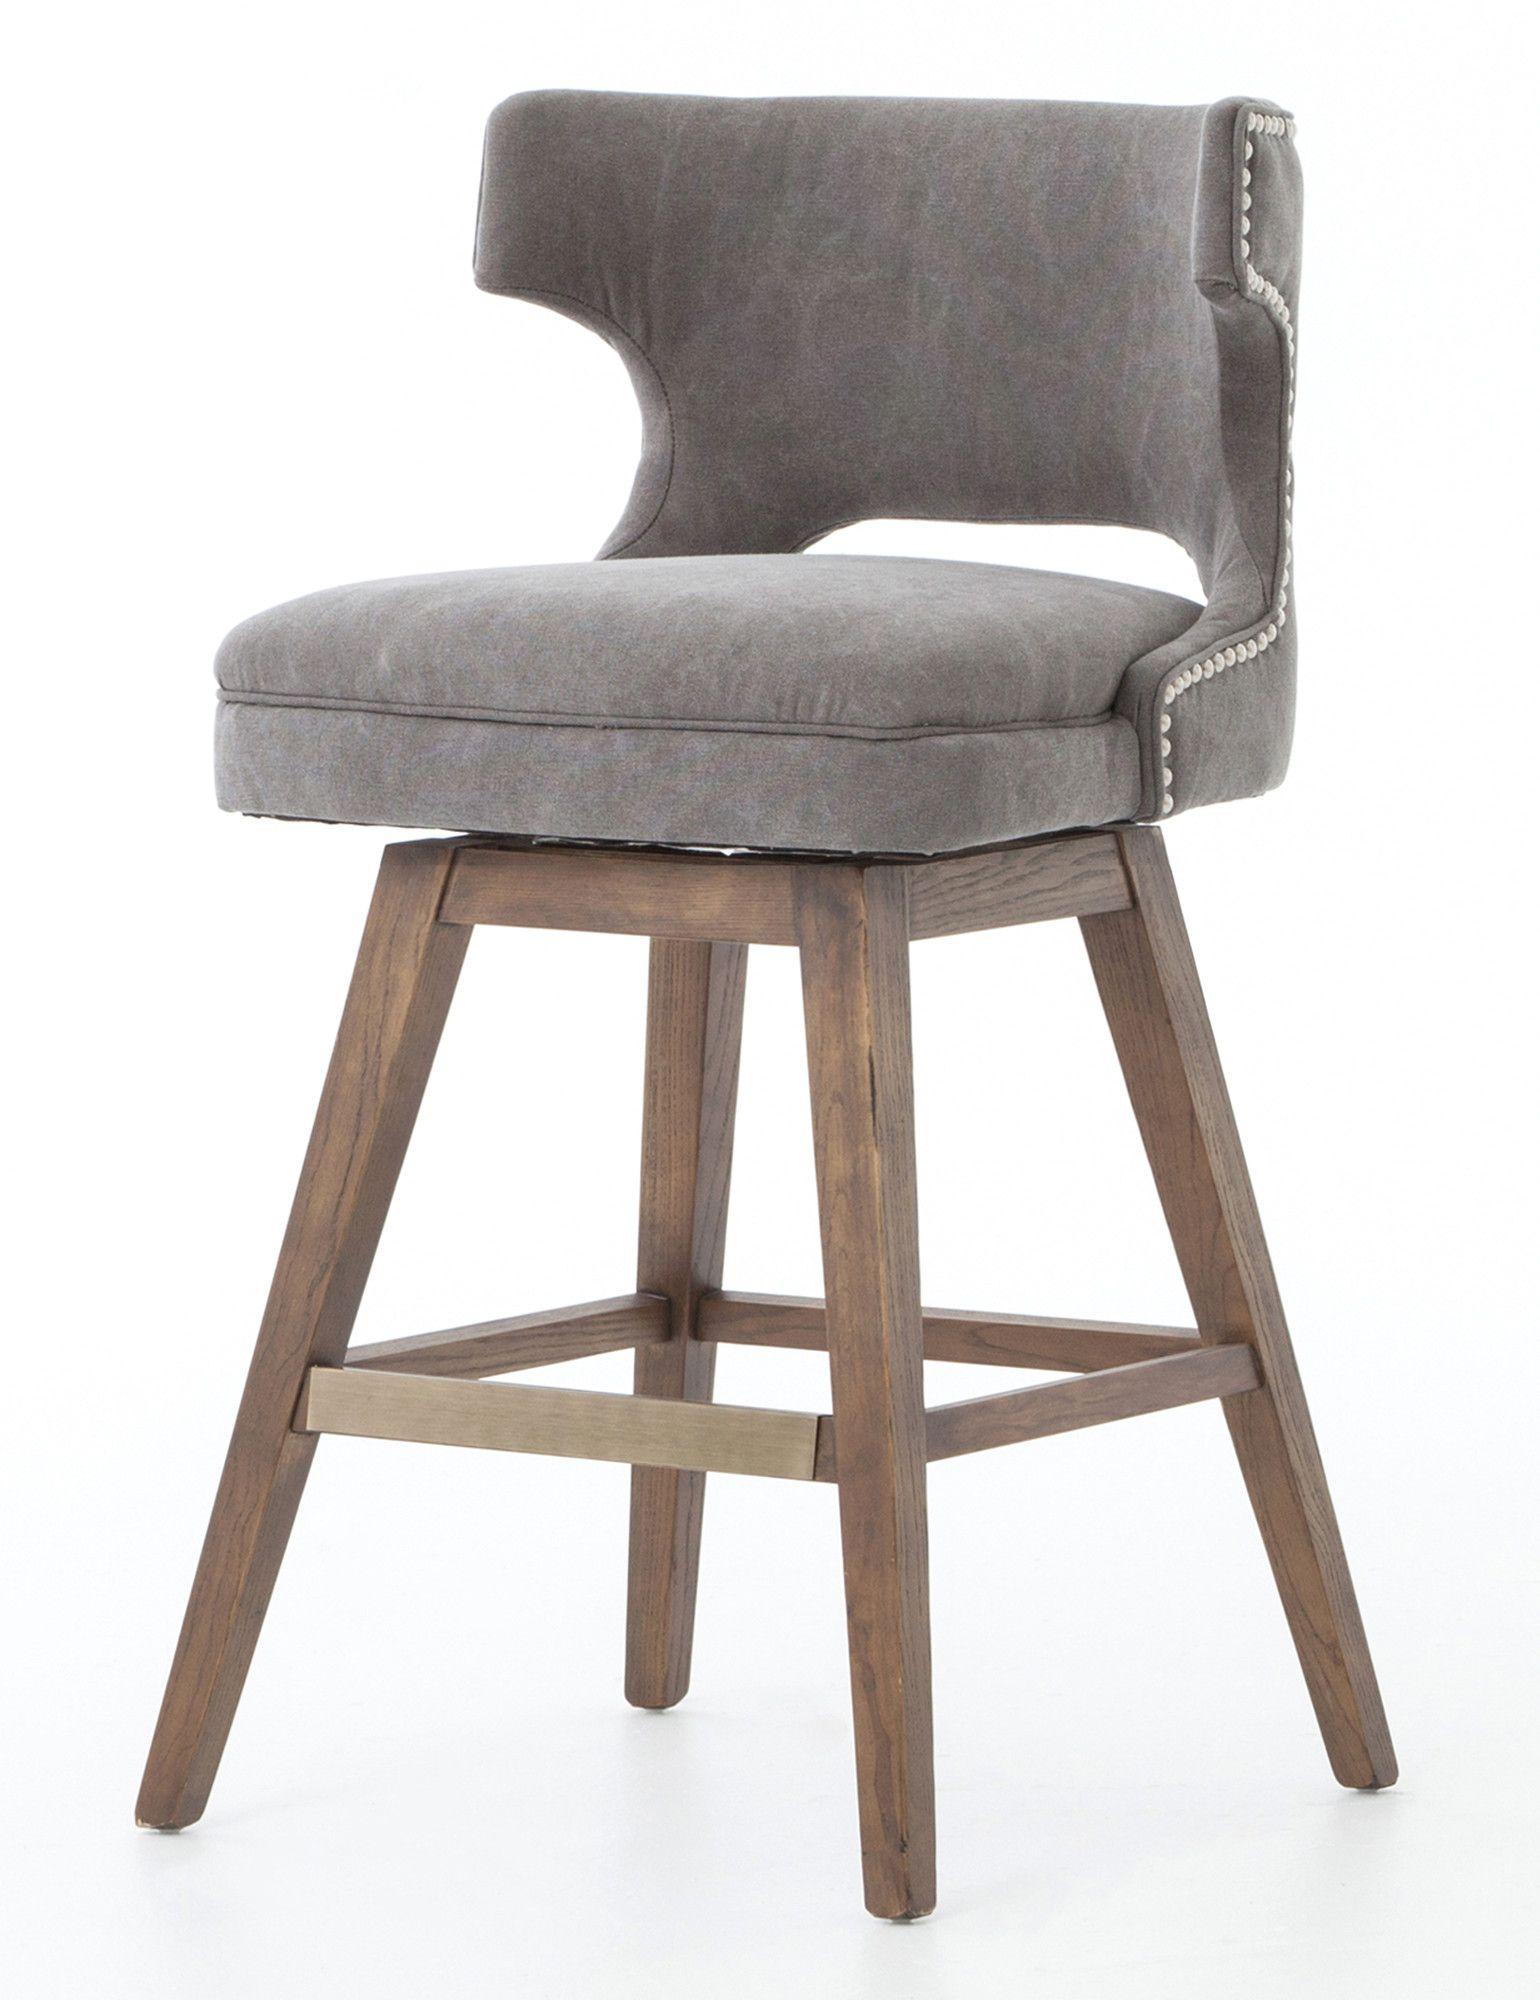 25 swivel bar stool